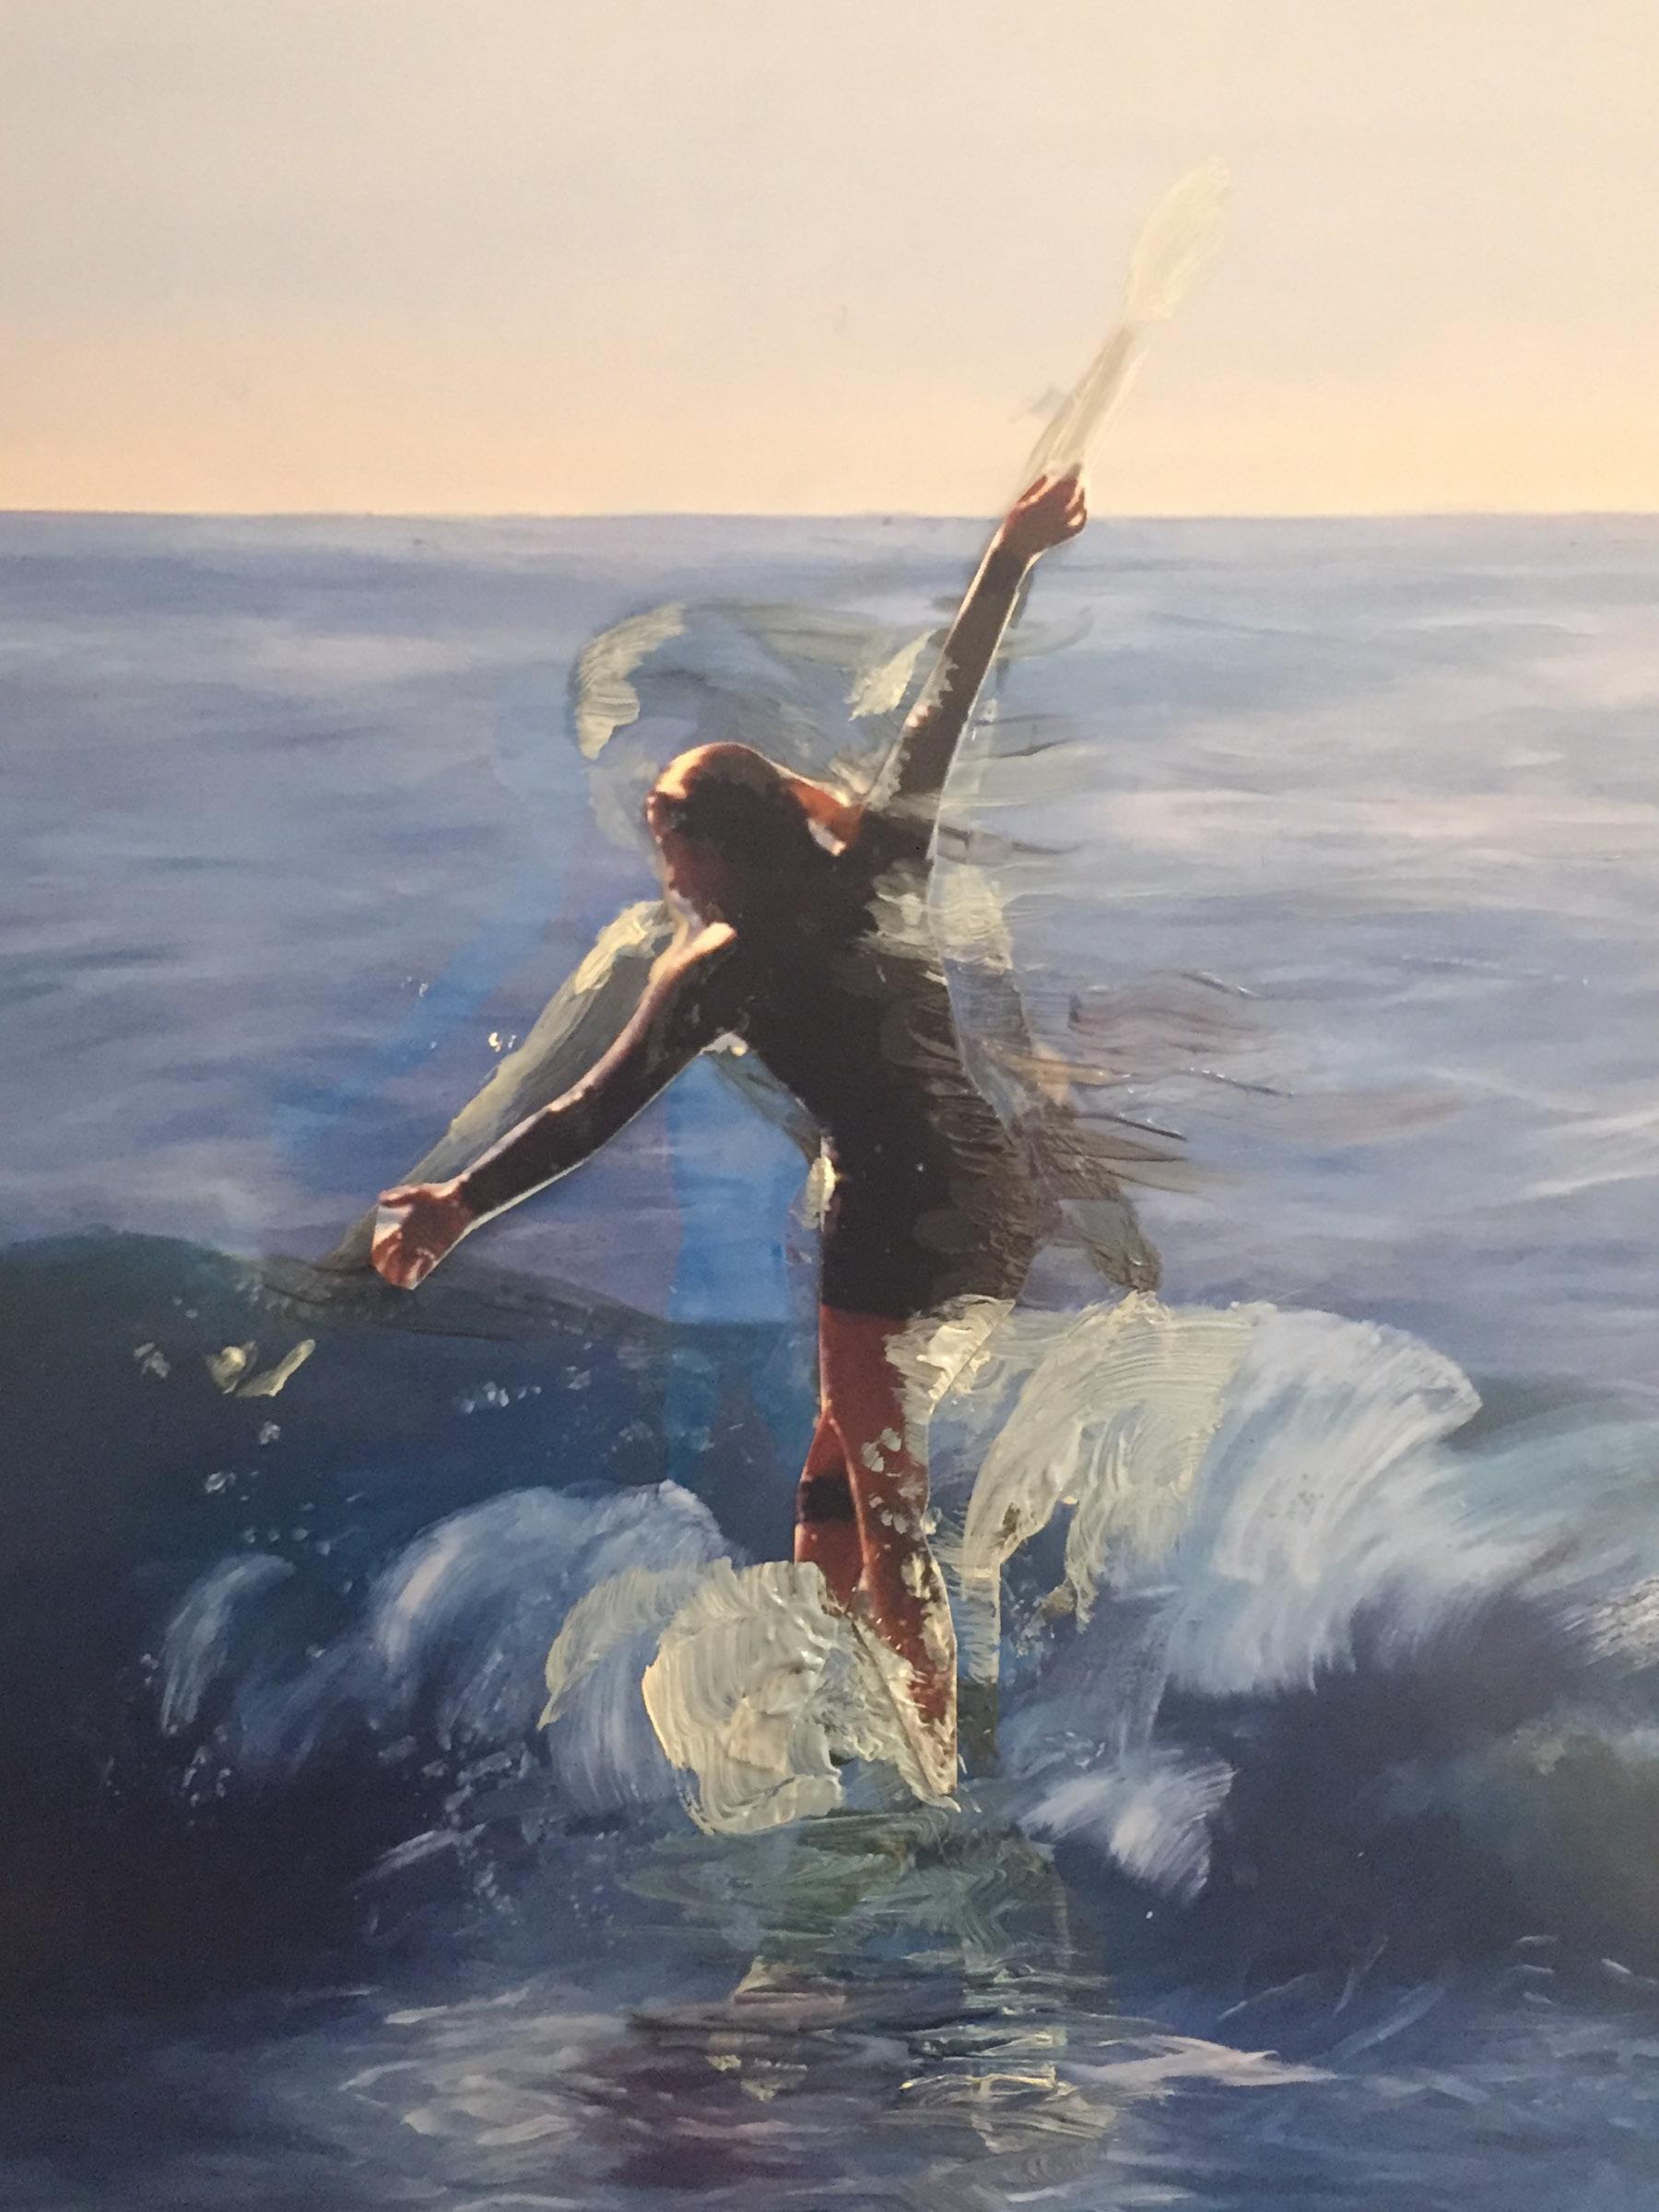 kelsey_napier_making_of_erin_surfs_7.jpg